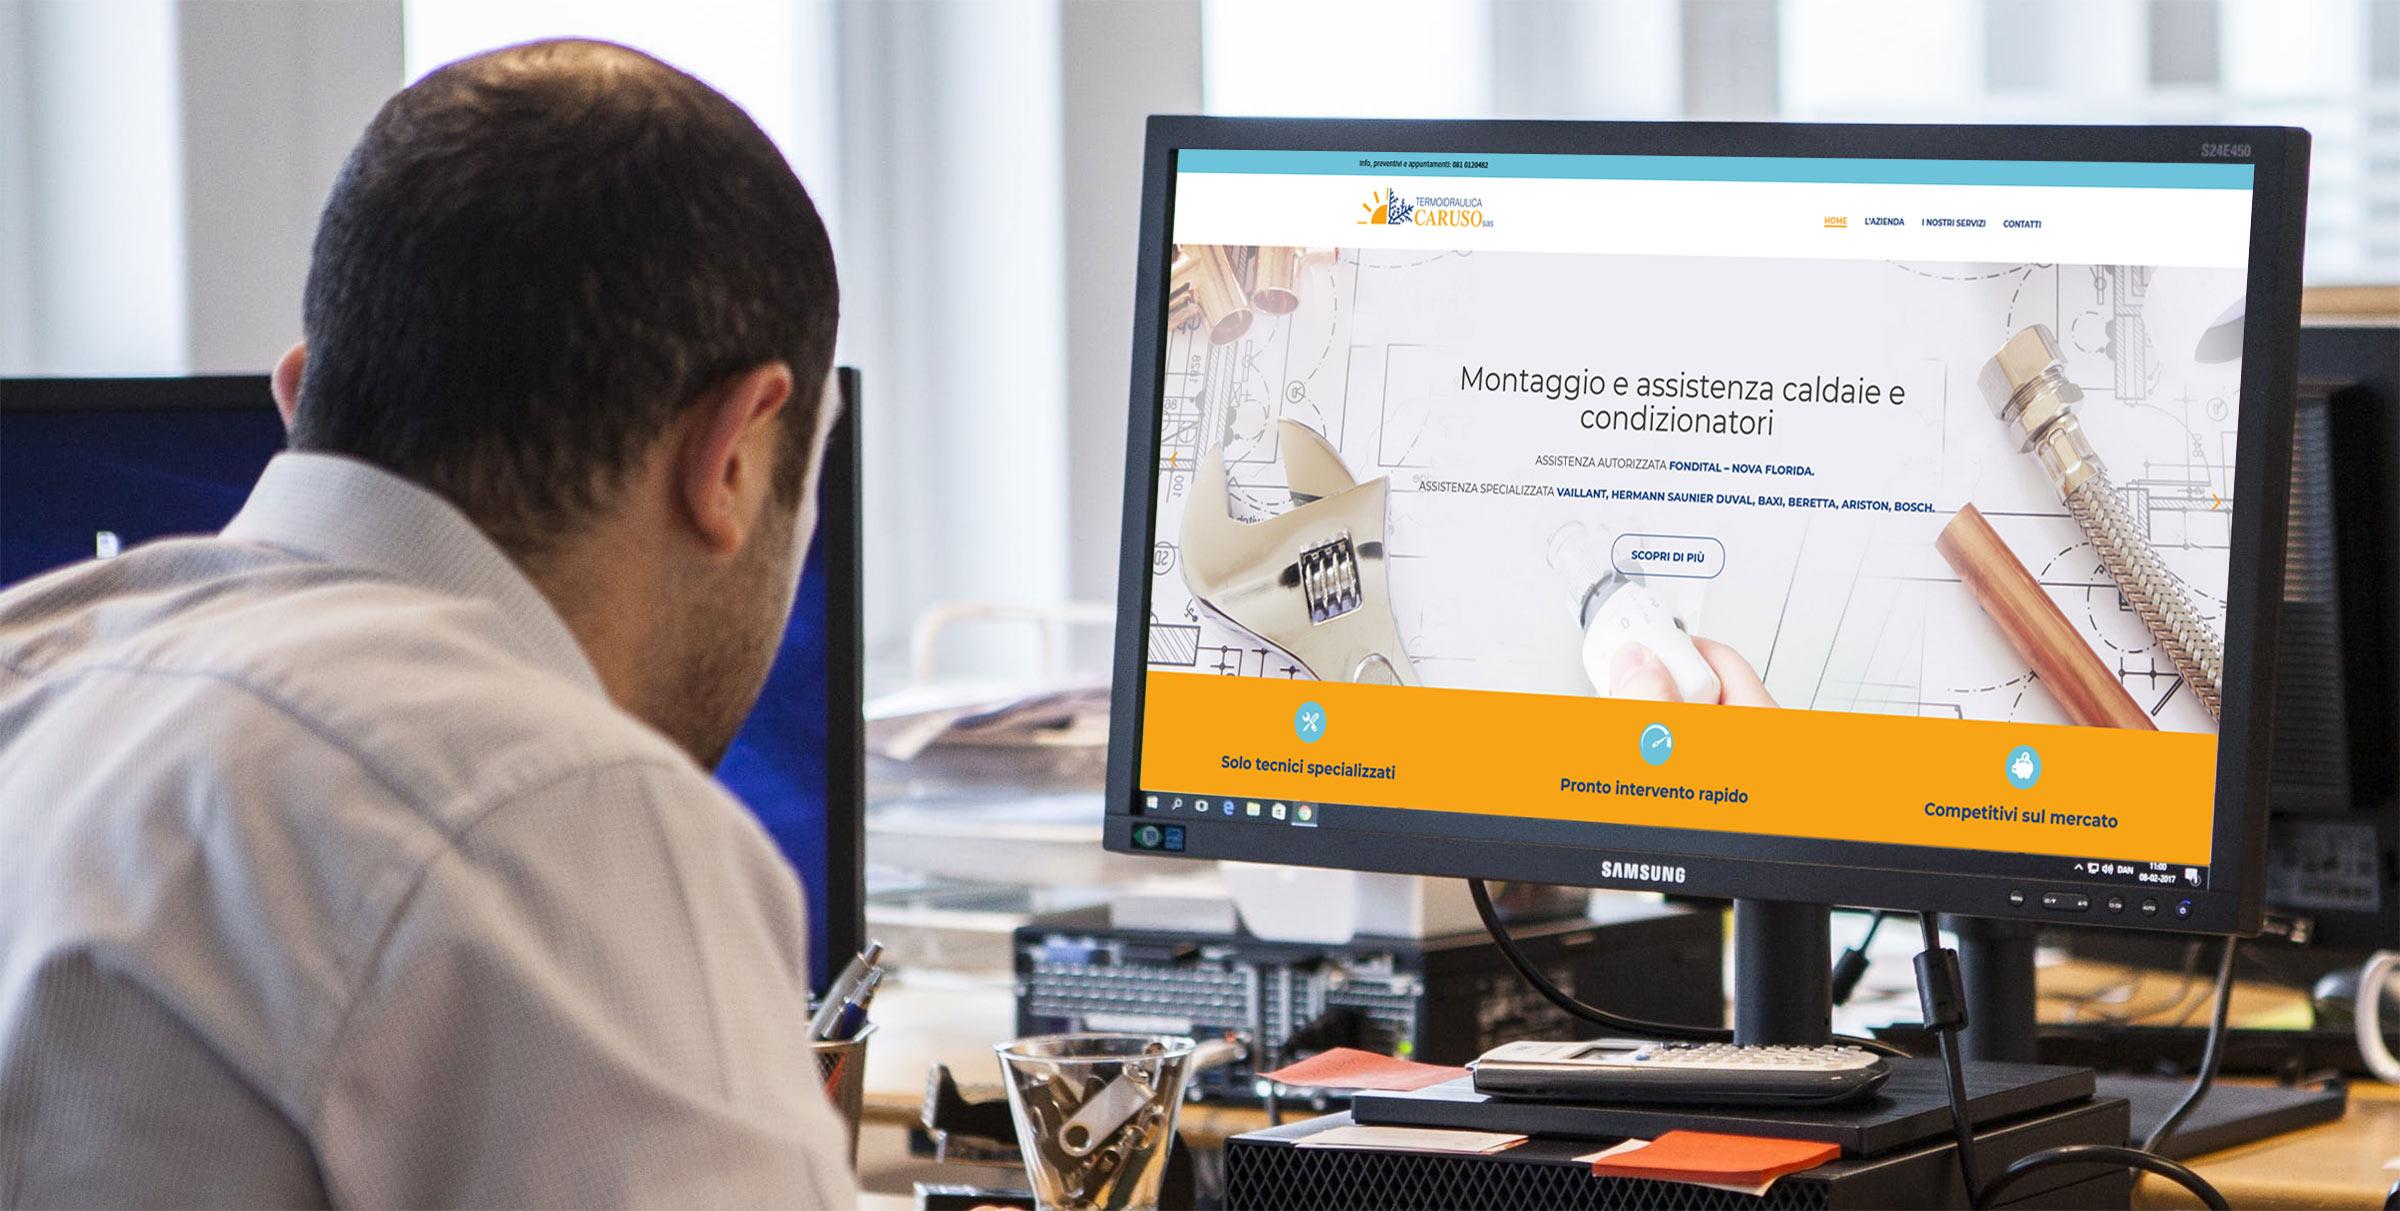 Termocaruso Napoli Web Site